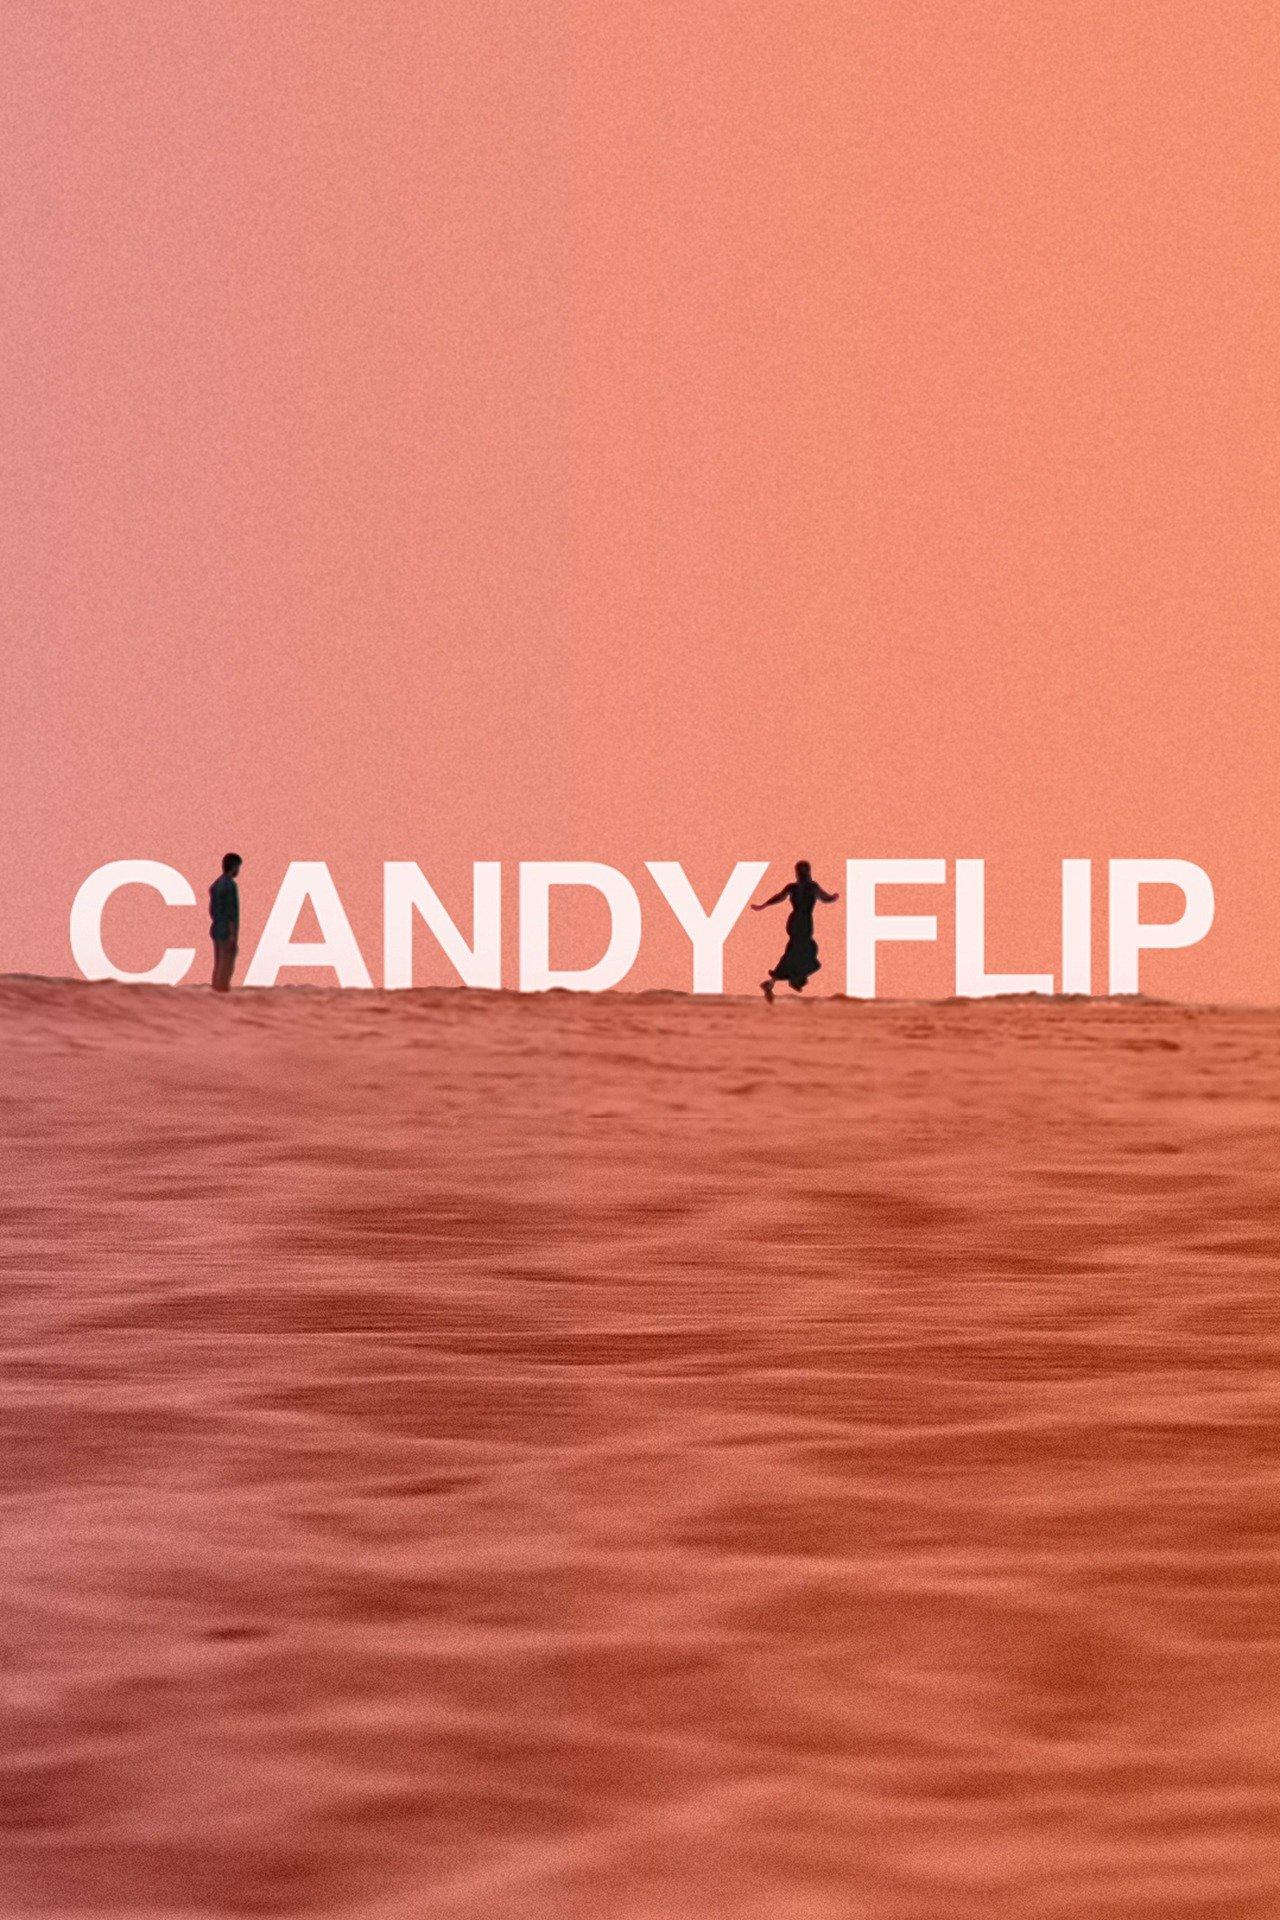 Candyflip | Flixster